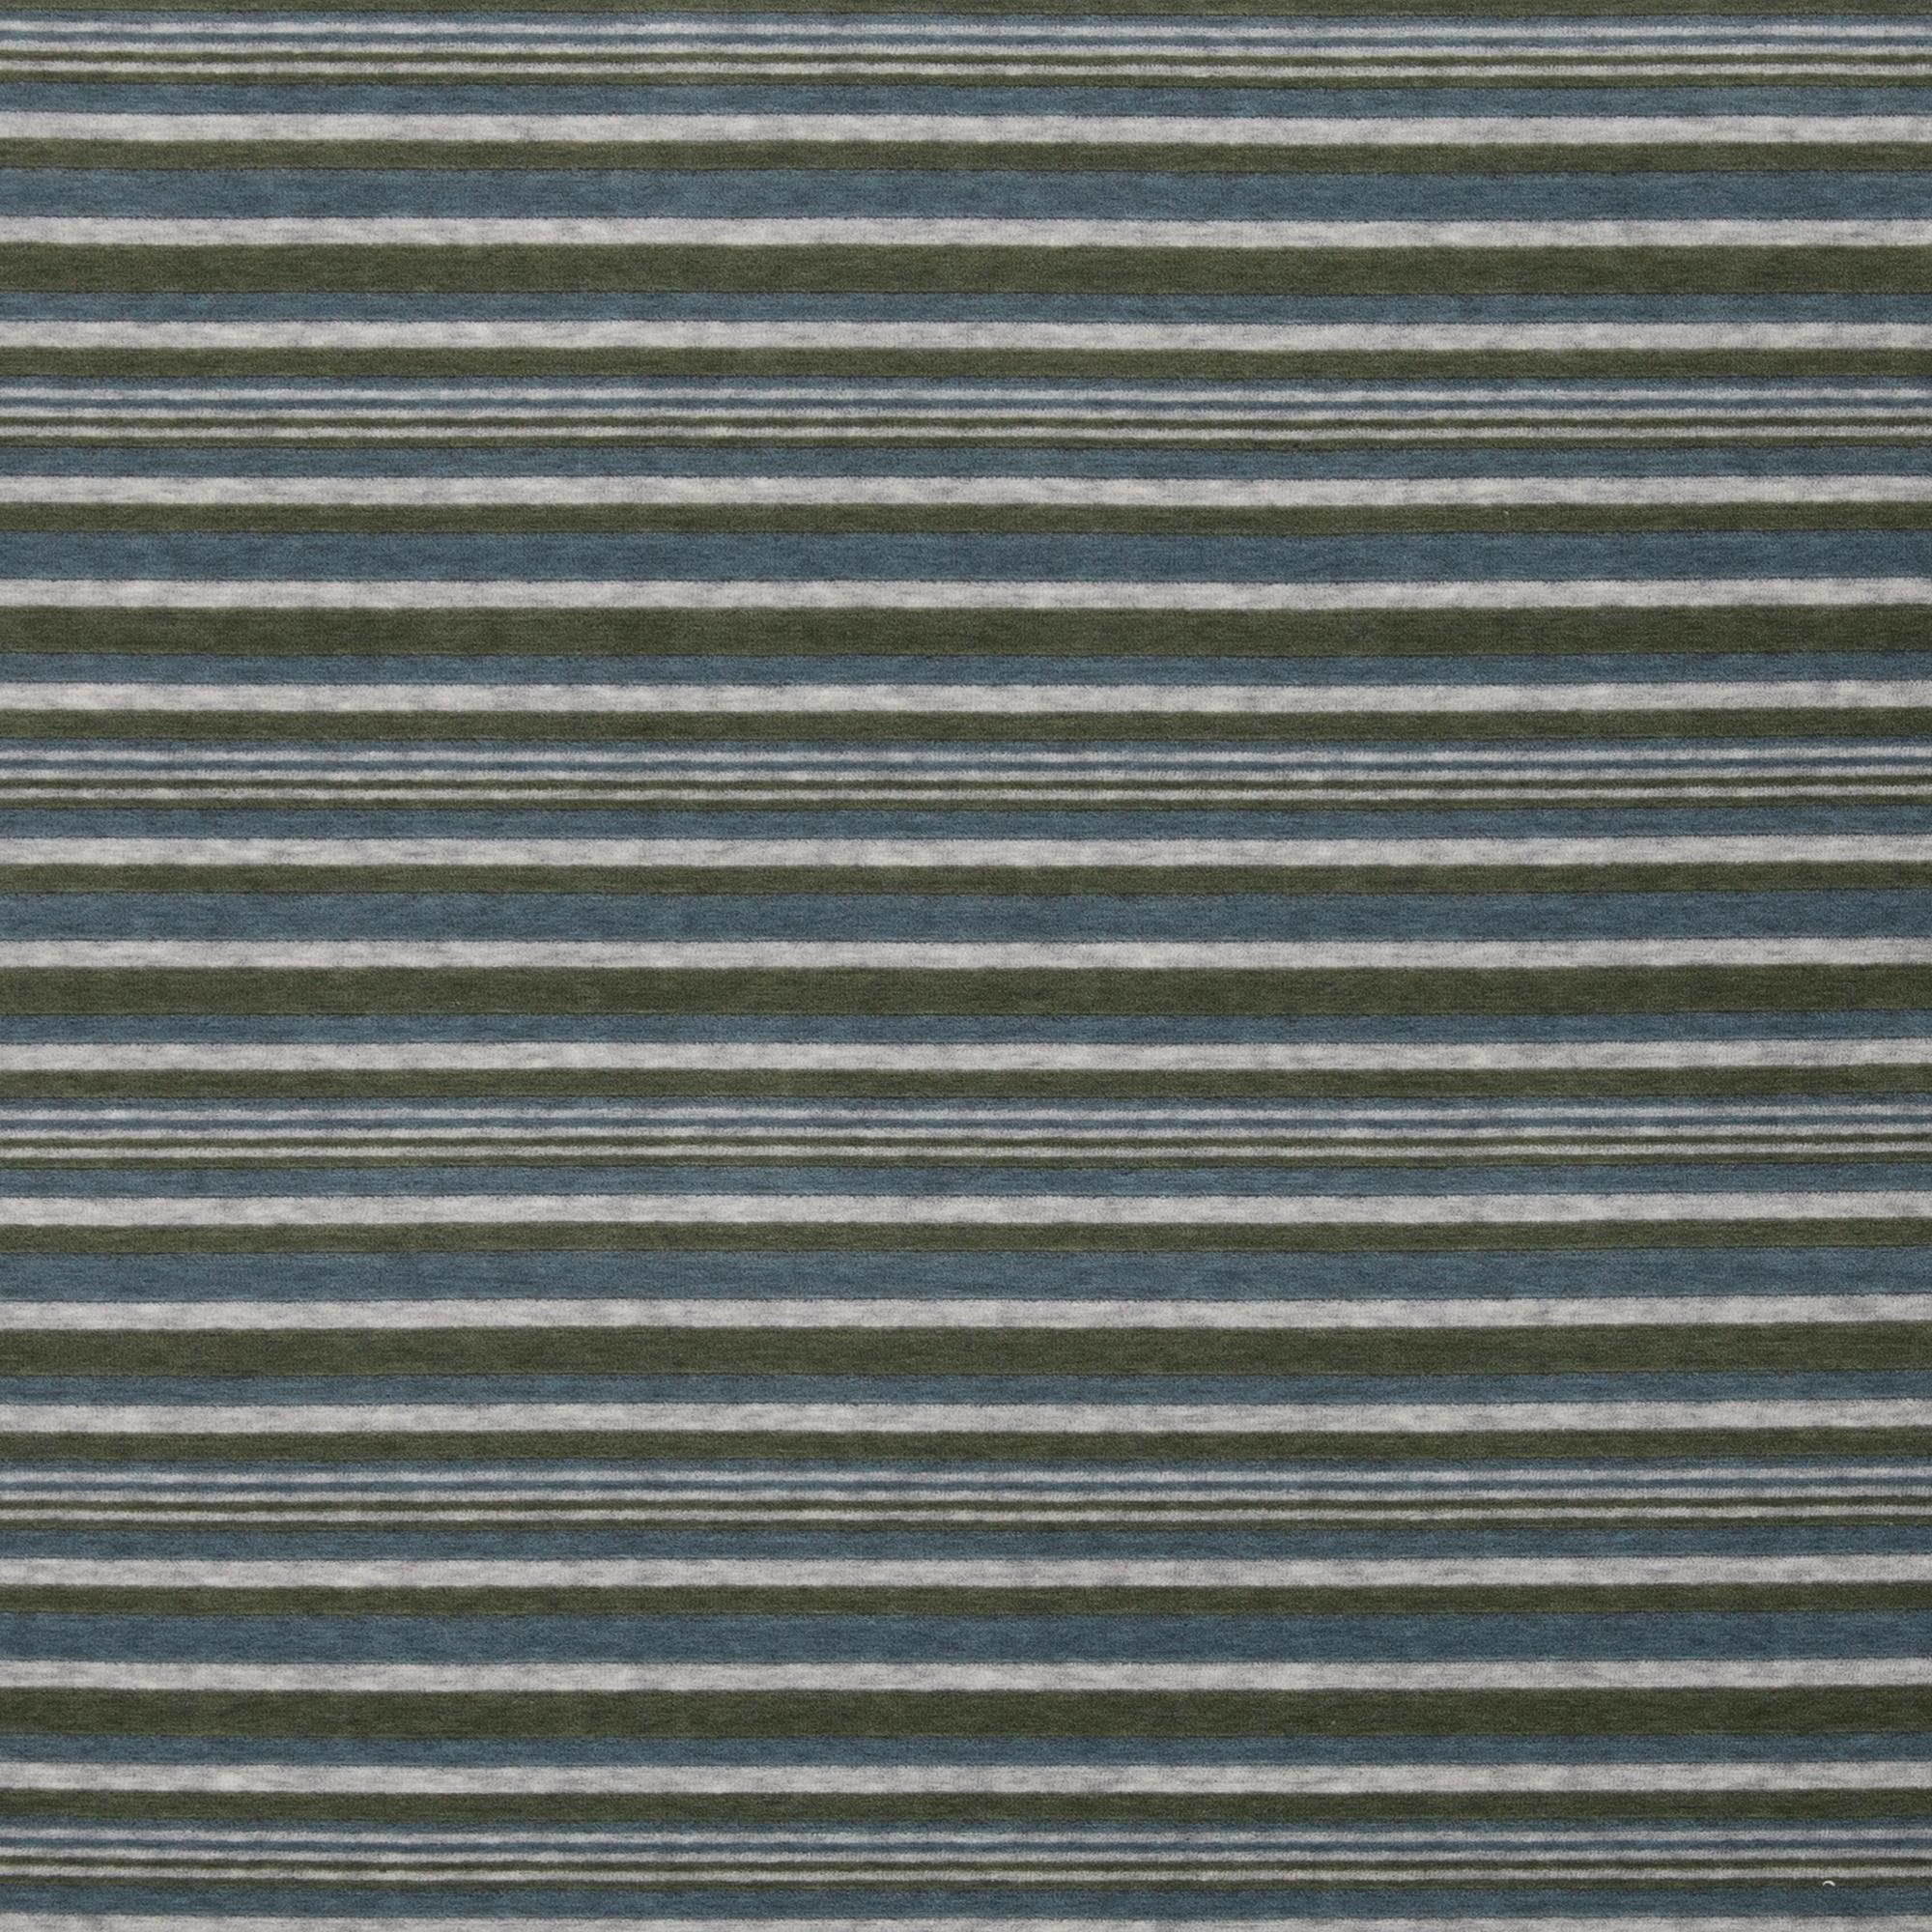 Nicky - Streifen - Swafing - Elian - Streifen in Blau und Dunkelgrün